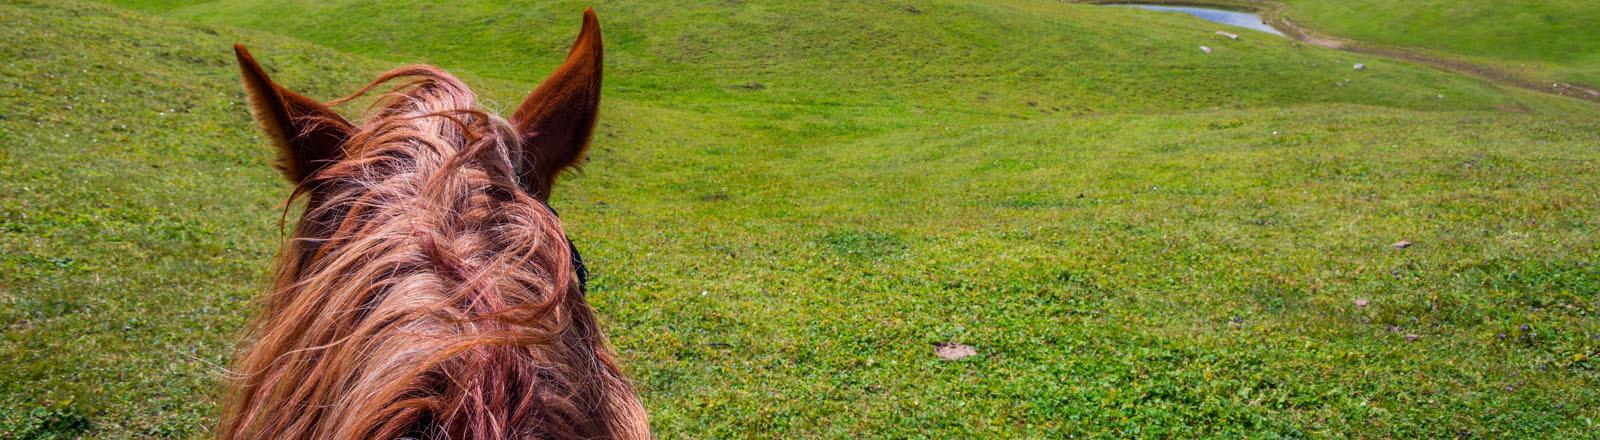 Pferdekopf vom Reiter fotografiert in bergiger Landschaft